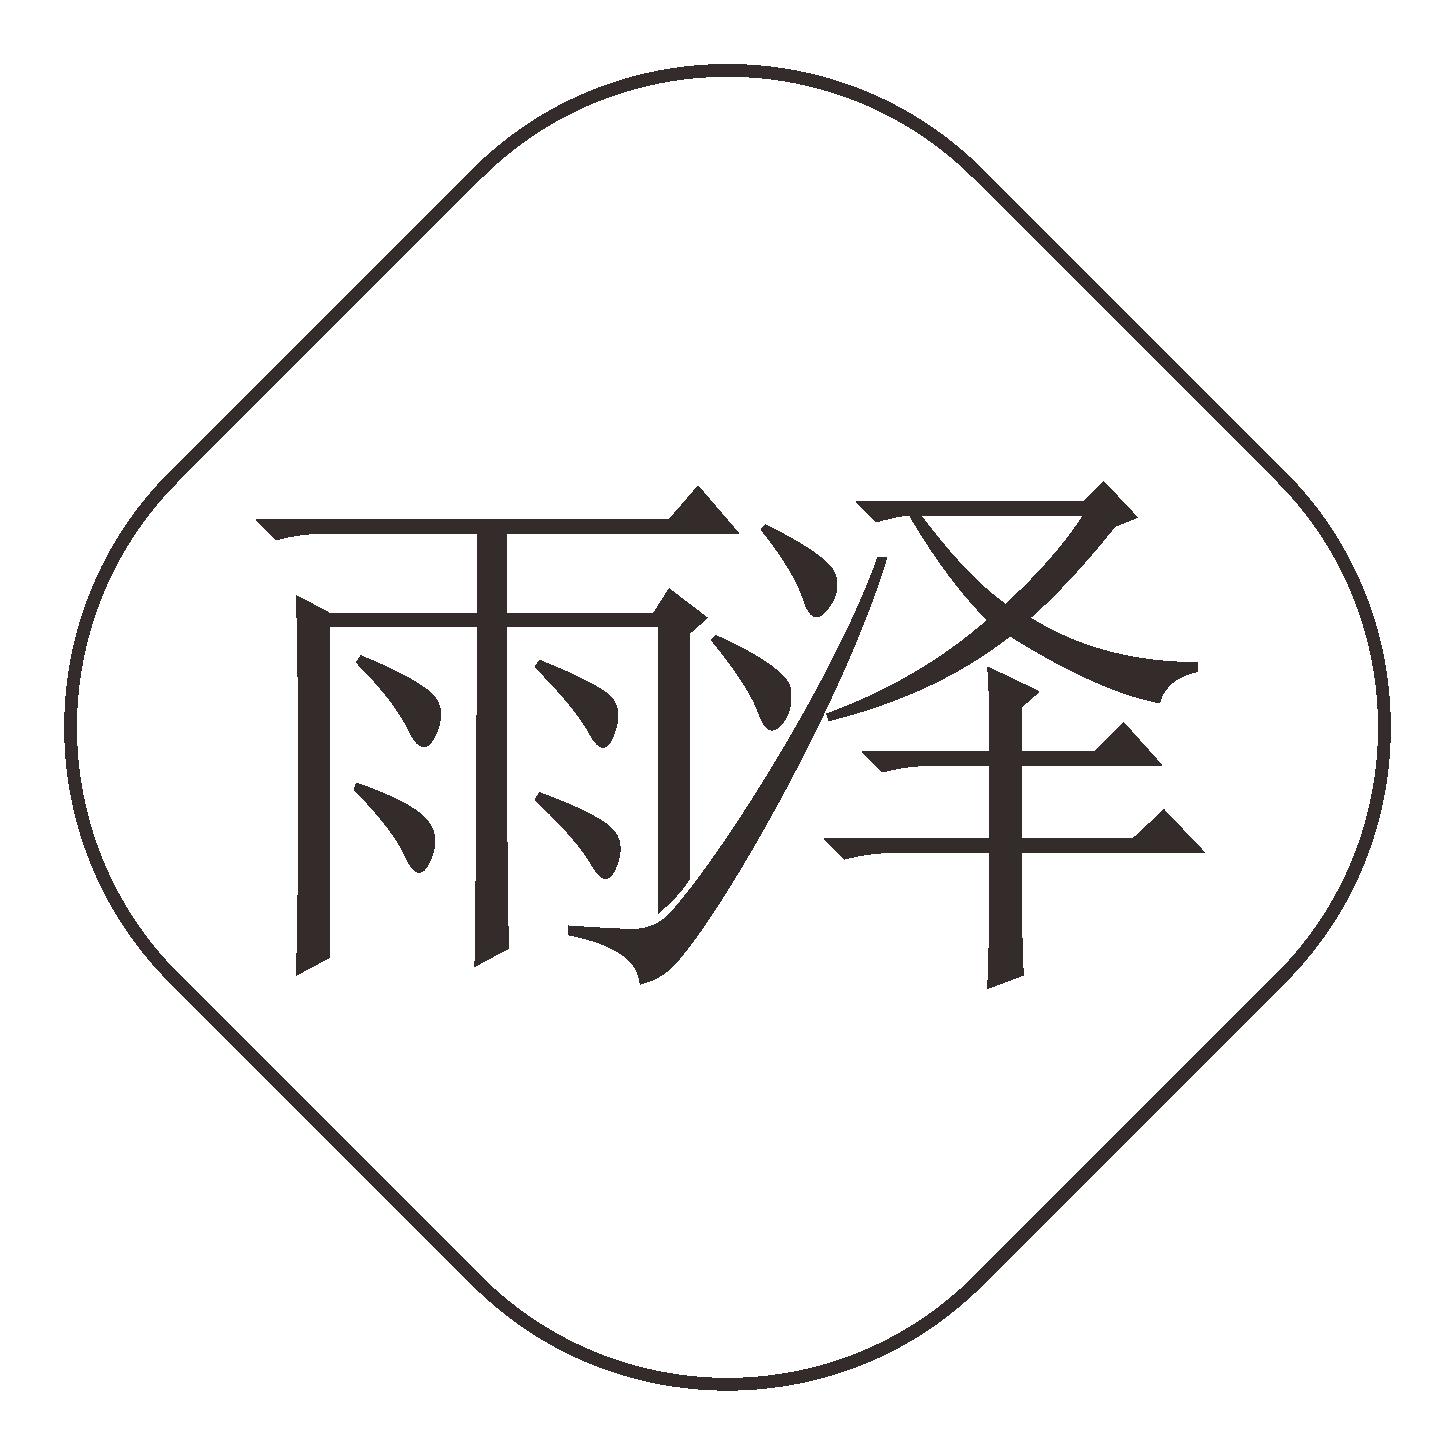 仿金文黑体——金文形体在汉字字体设计中的应用